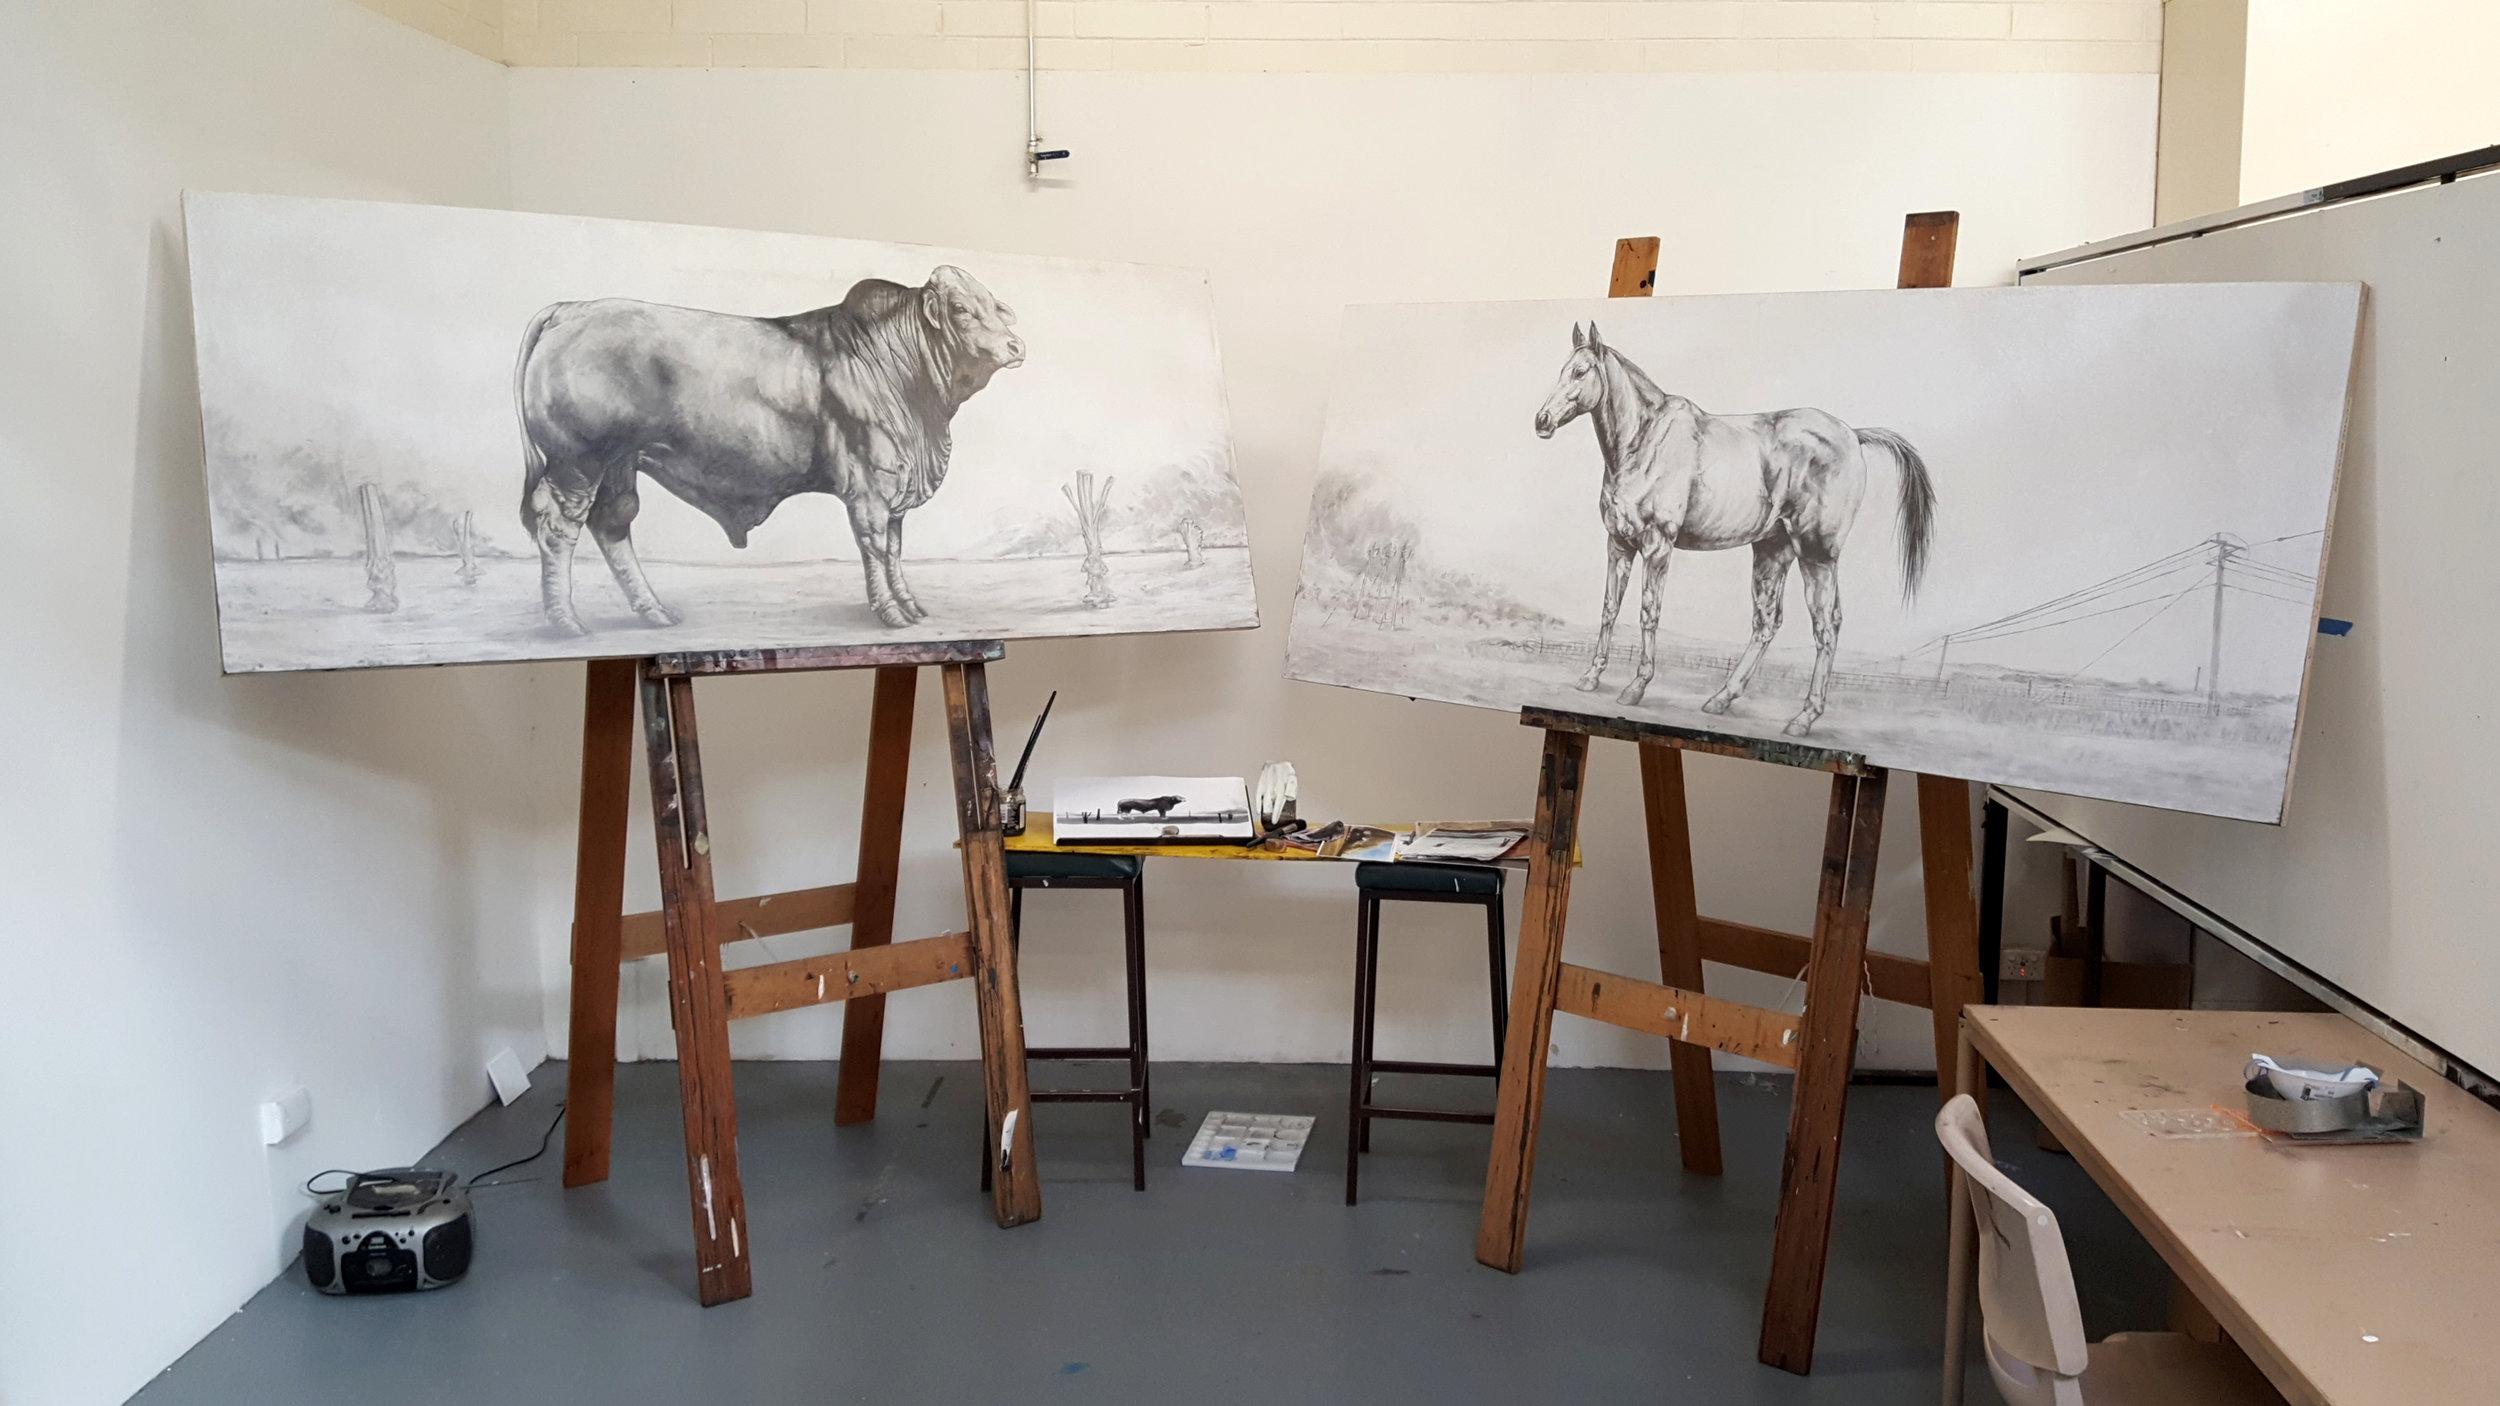 Studio: Work in Progress.